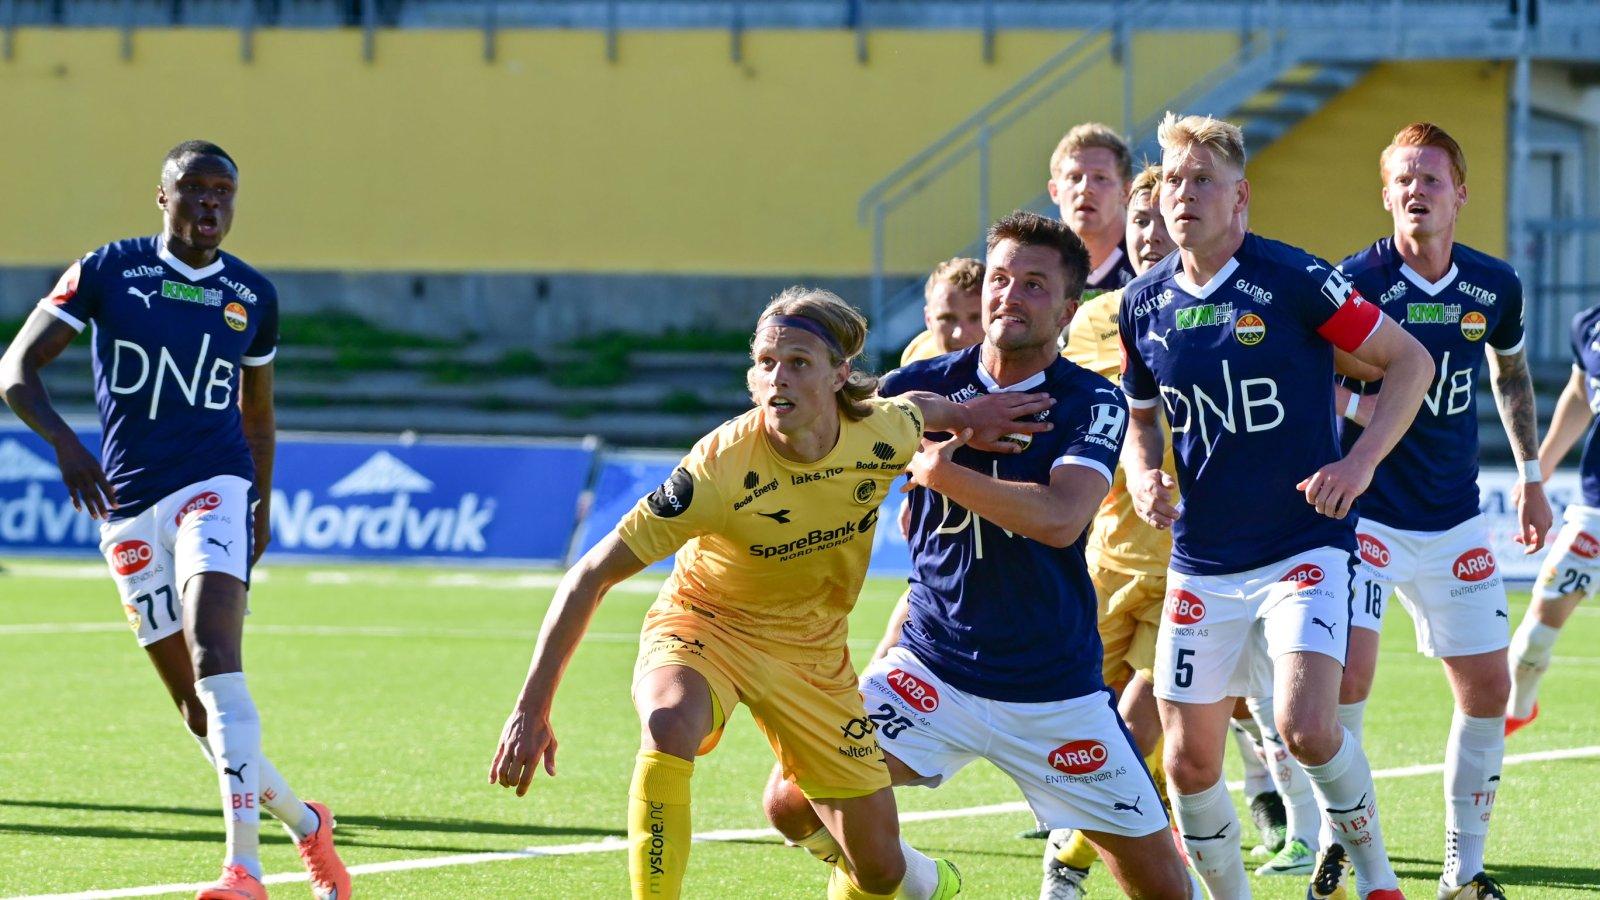 Bodø/Glimt mot Strømsgodset på Aspmyra.